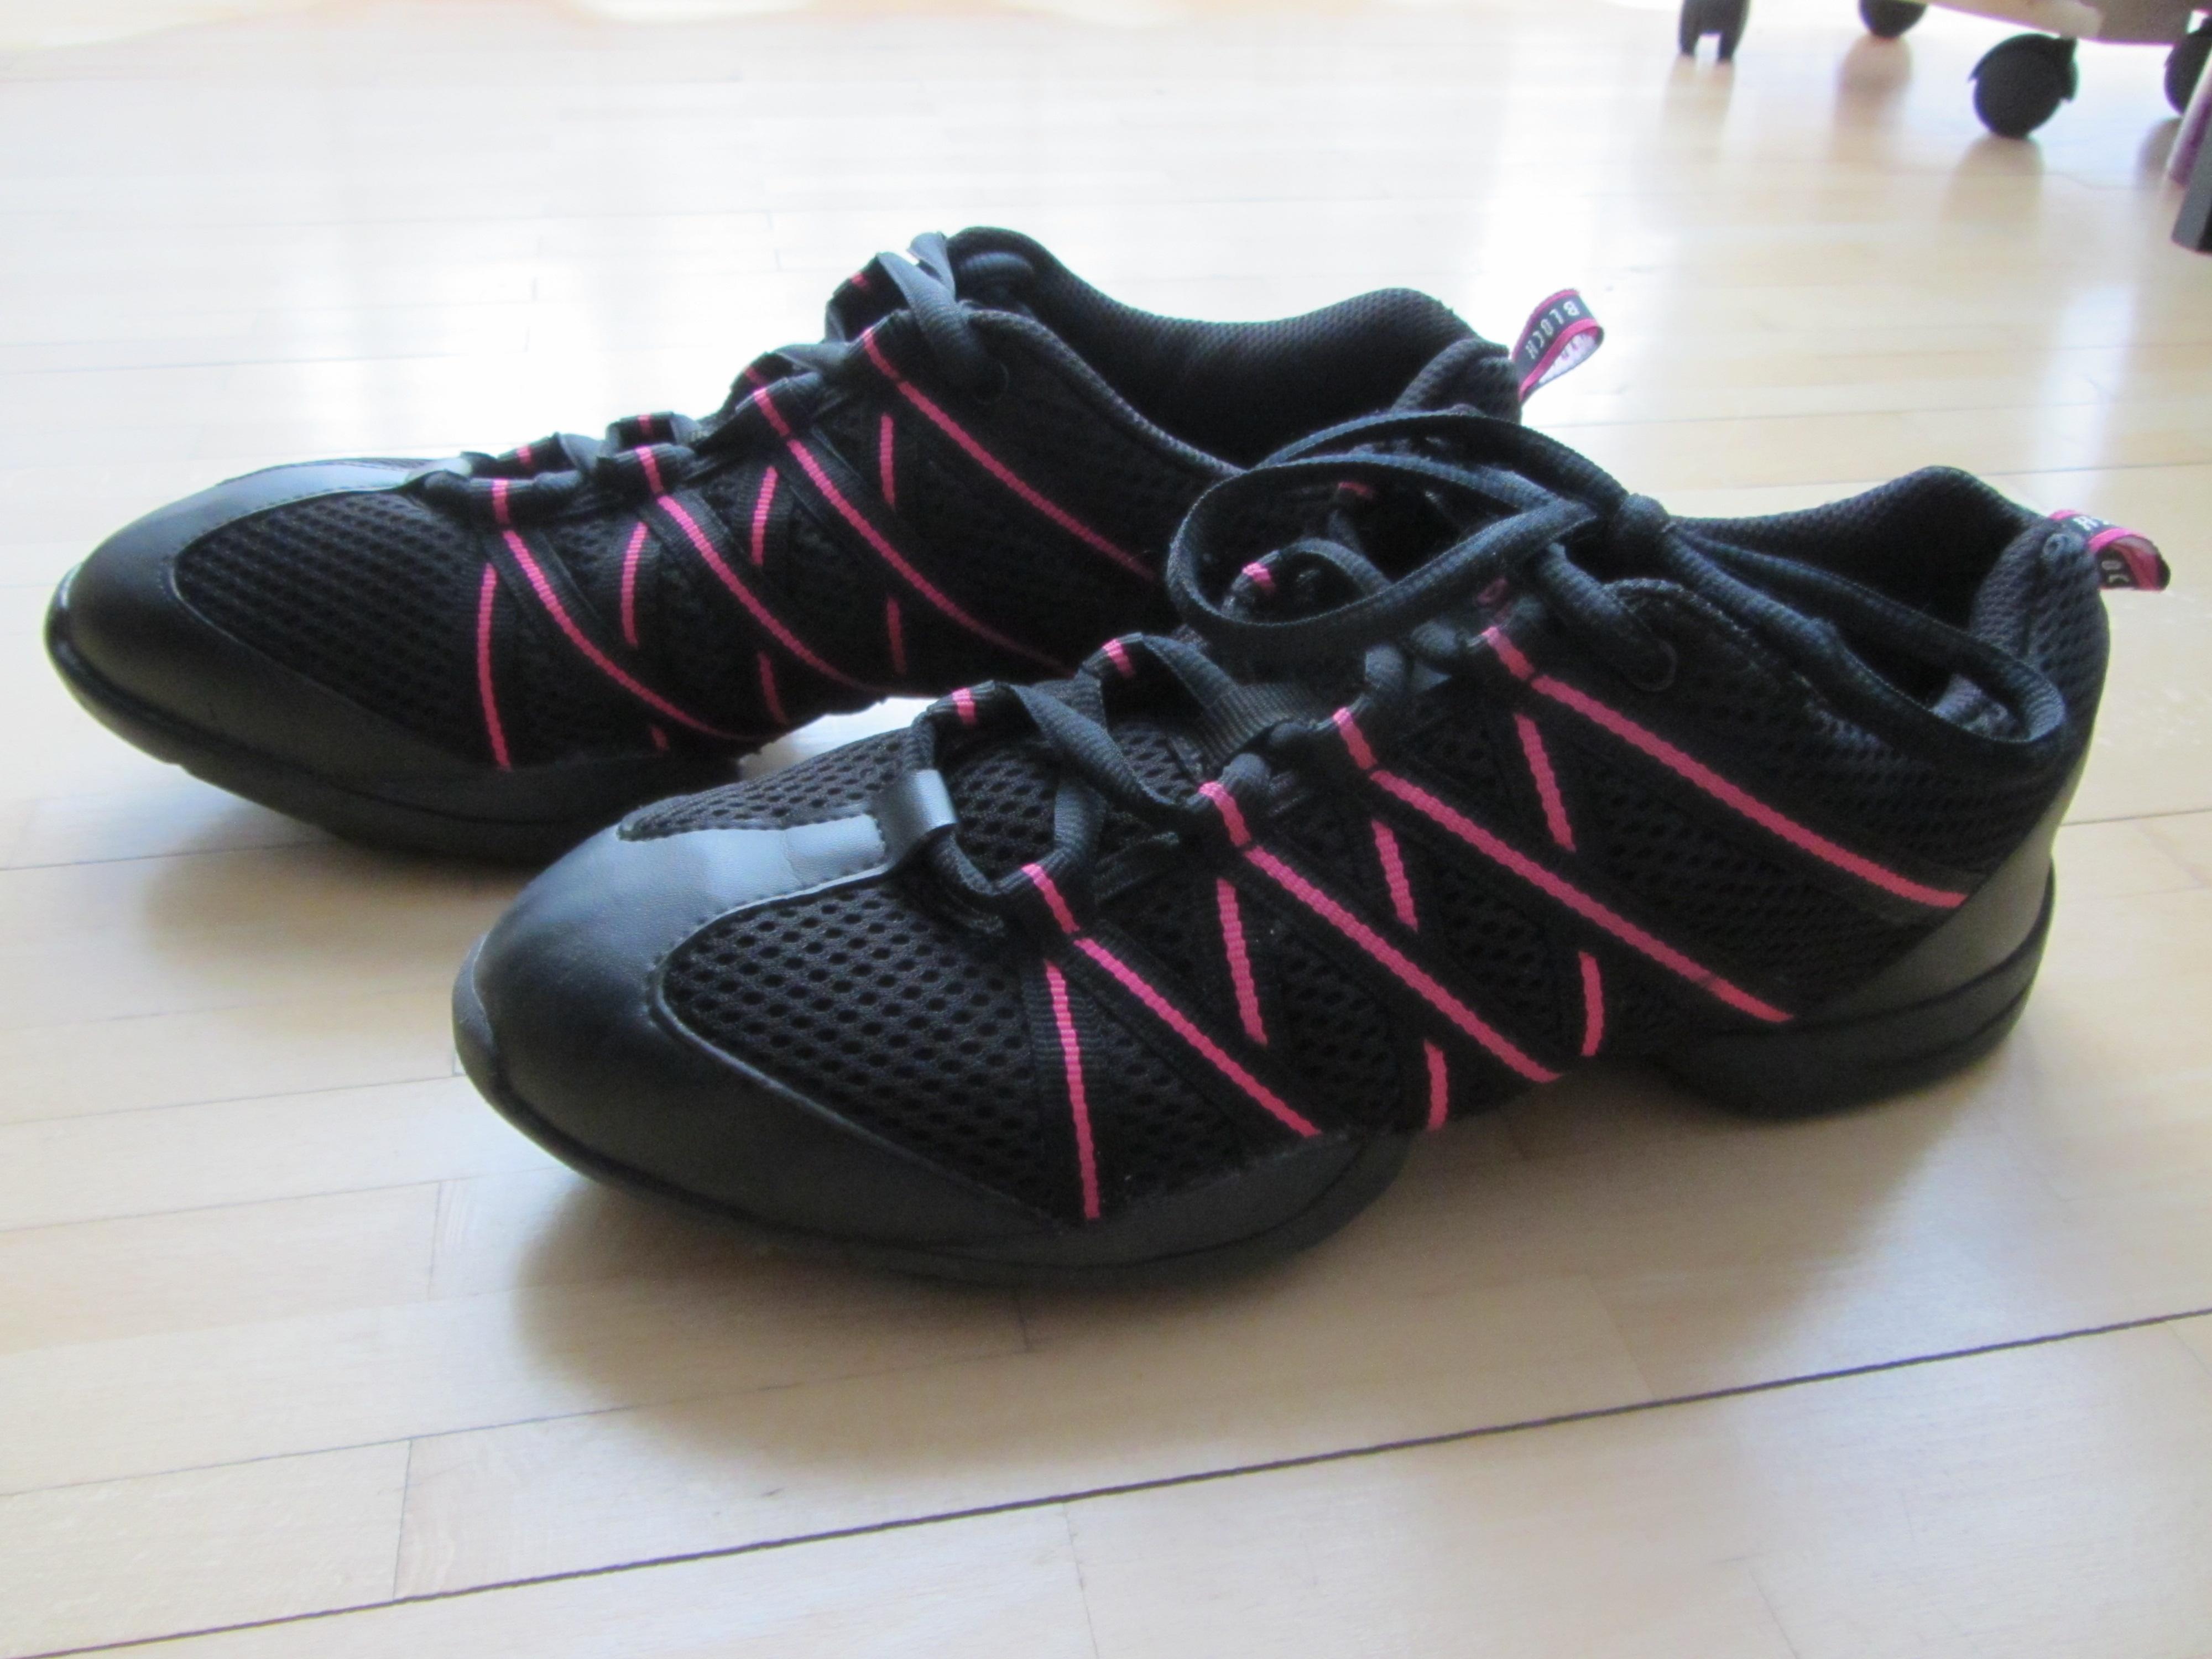 Bild Nummer 5 von Bloch Tanz Sneaker schwarz pink